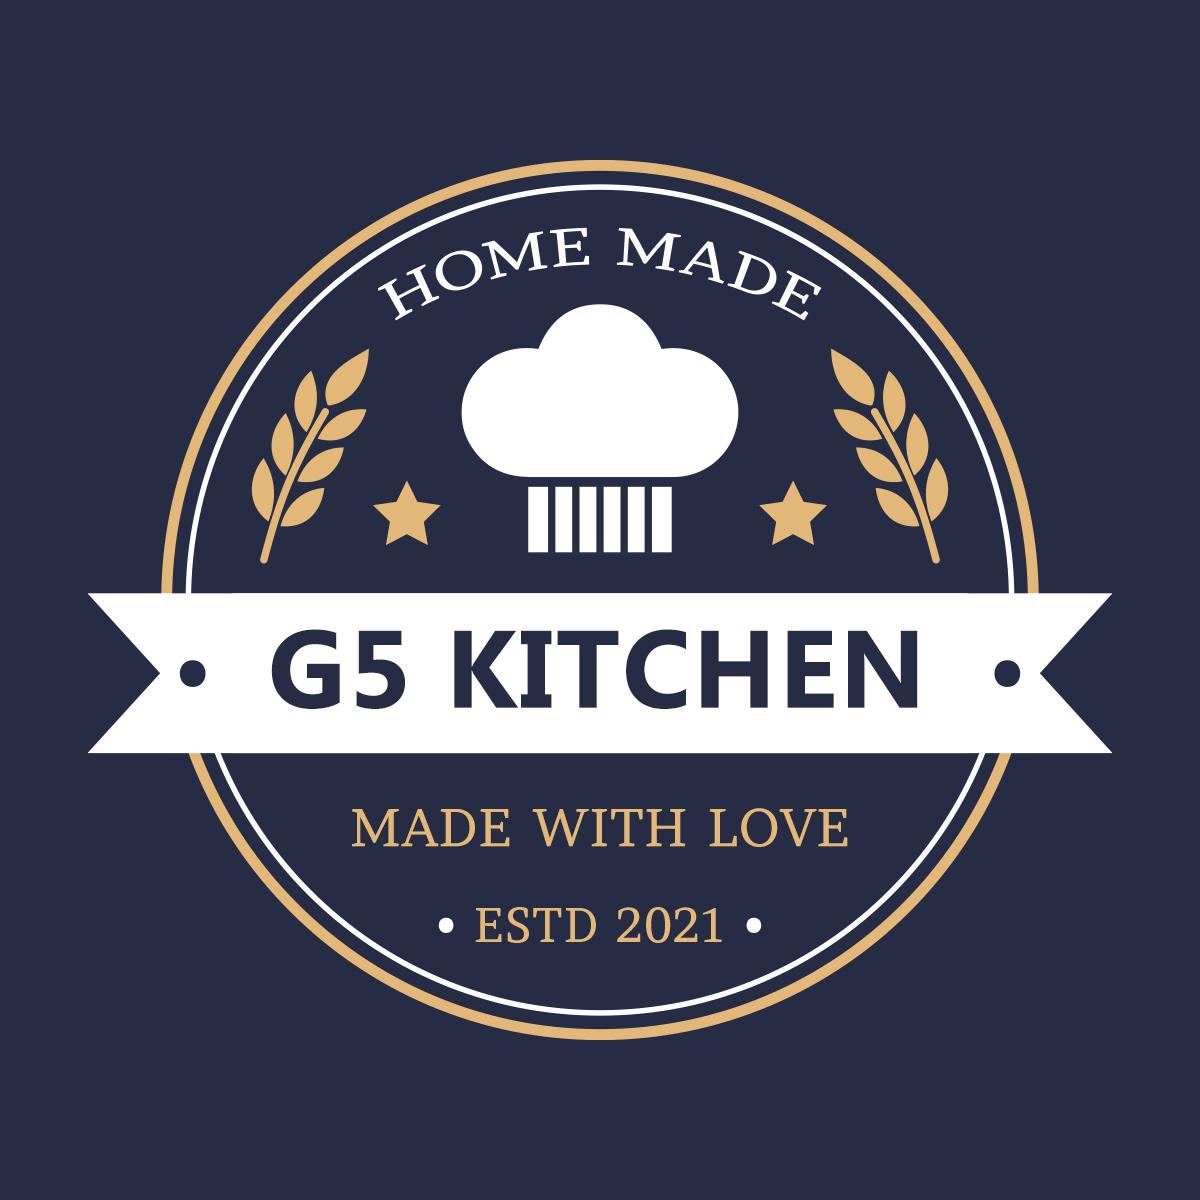 G5 Kitchen Image